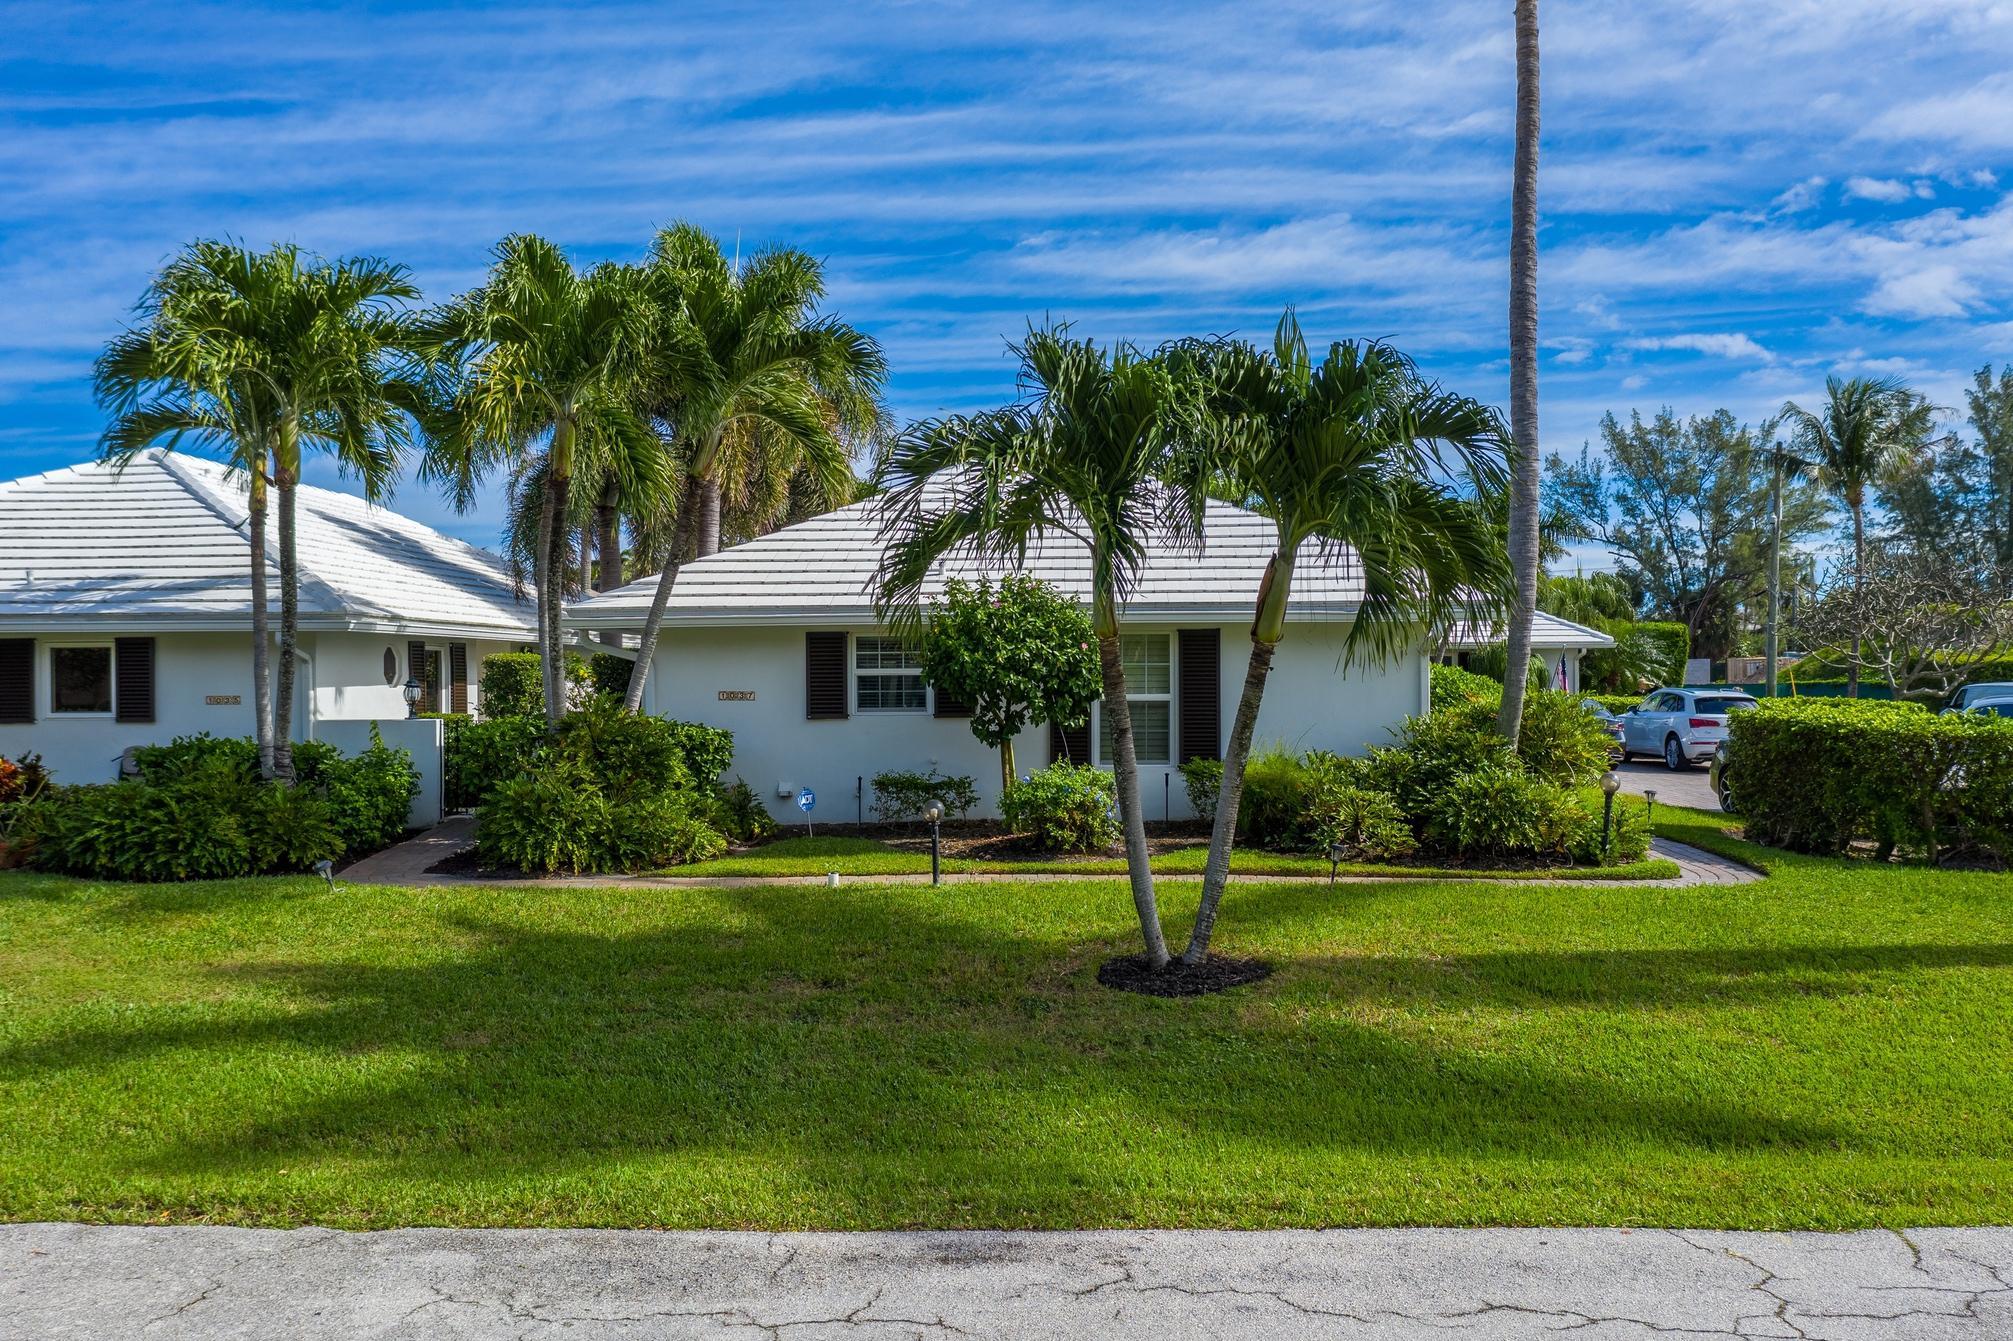 1037 Del Harbour Drive, Delray Beach, Florida 33483, 2 Bedrooms Bedrooms, ,2 BathroomsBathrooms,Condo/coop,For Sale,Del Harbour,RX-10677077